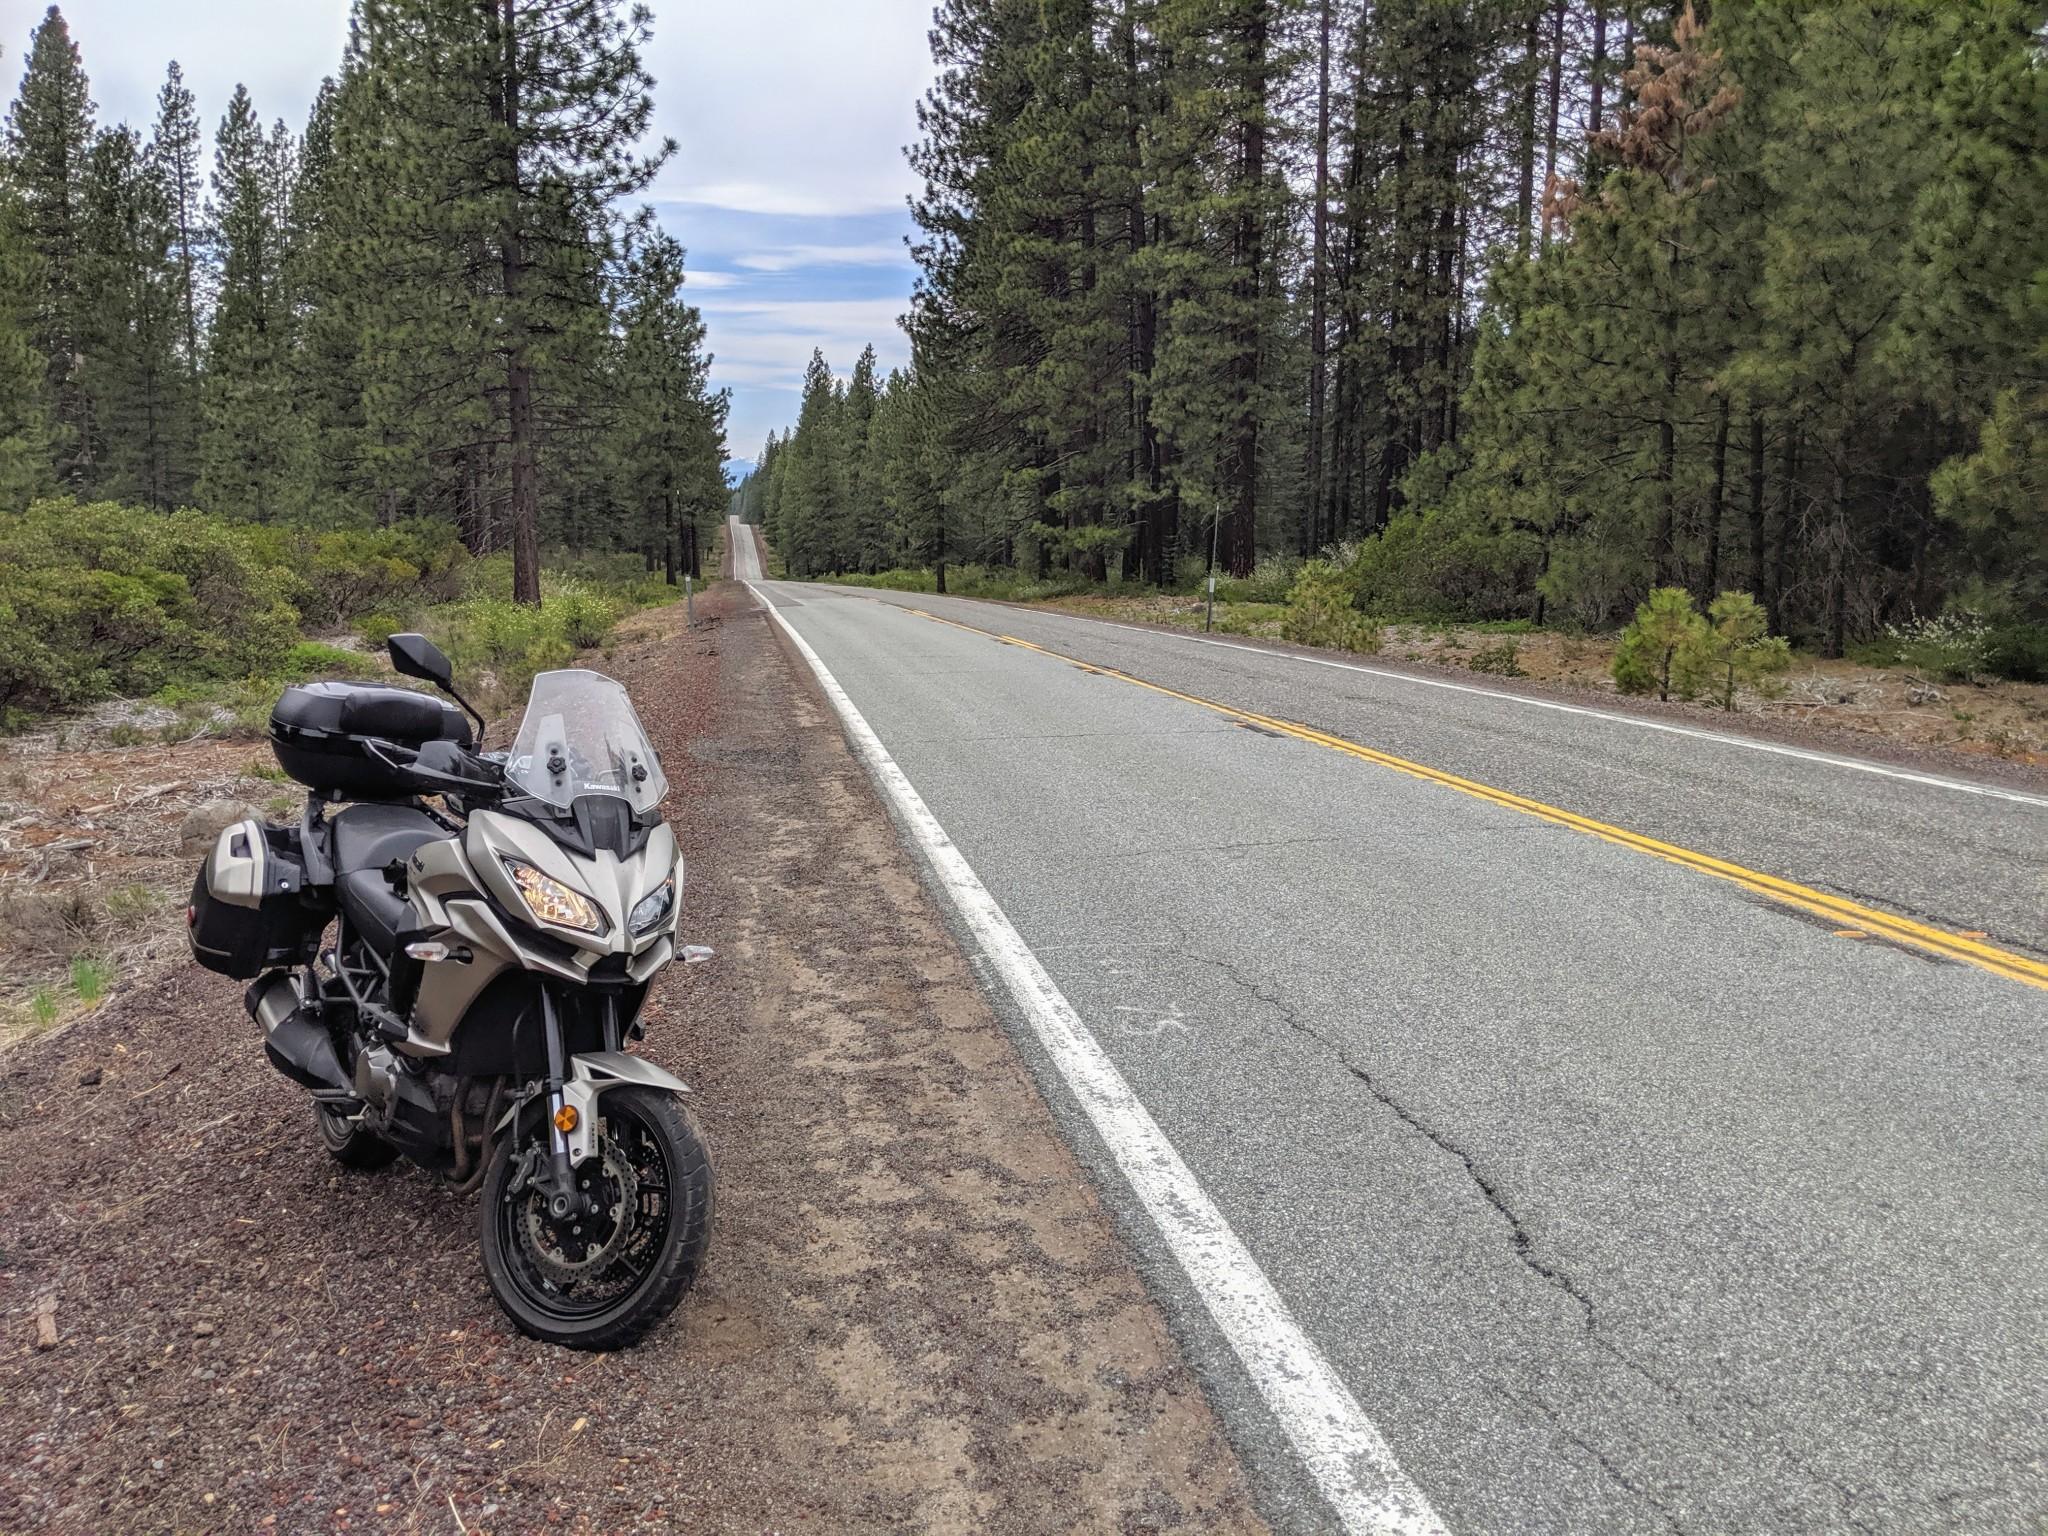 La Route 89 taglia una immensa foresta di abeti e sequoie con lunghissimi rettilinei in cui si susseguono una serie di su e giù. Questa strada viene anche chiamata Volcanic Legacy Scenic Byway. Molto bella da percorrere con la Kawasaki Versys 1000.